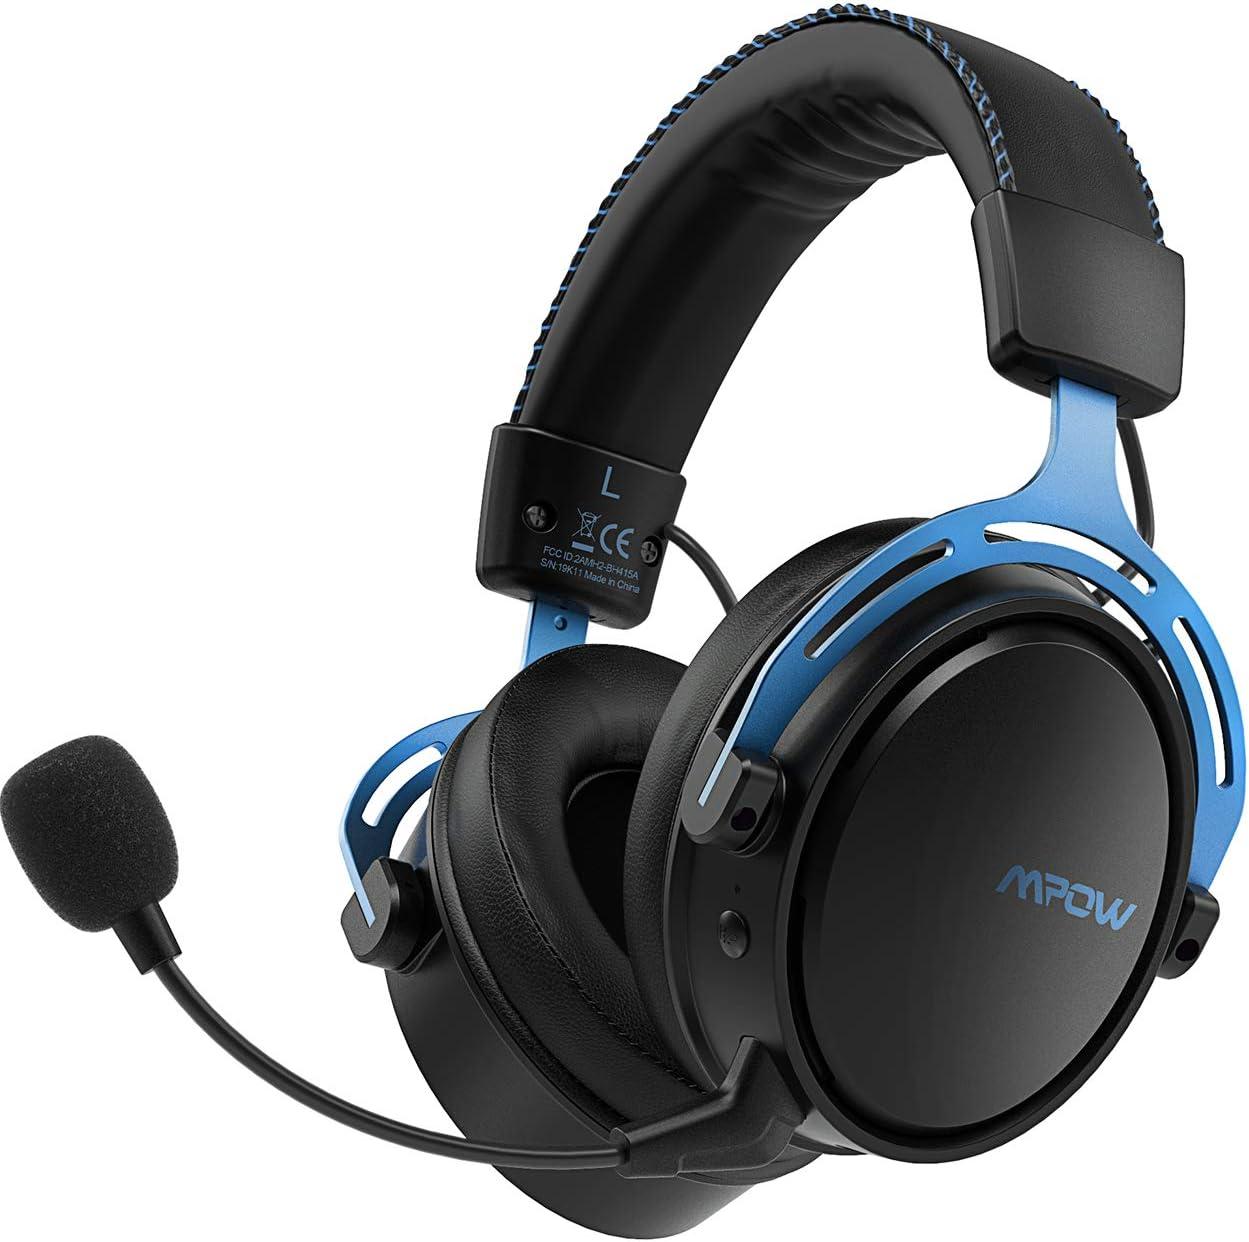 Mpow Air 2.4G Auriculares Gaming para PS4, PC, Xbox One, Estéreo Cascos Inalámbricos para Juegos con Micrófono Desmontable con Cancelación de Ruido,Transmisor USB Incluido - Azul